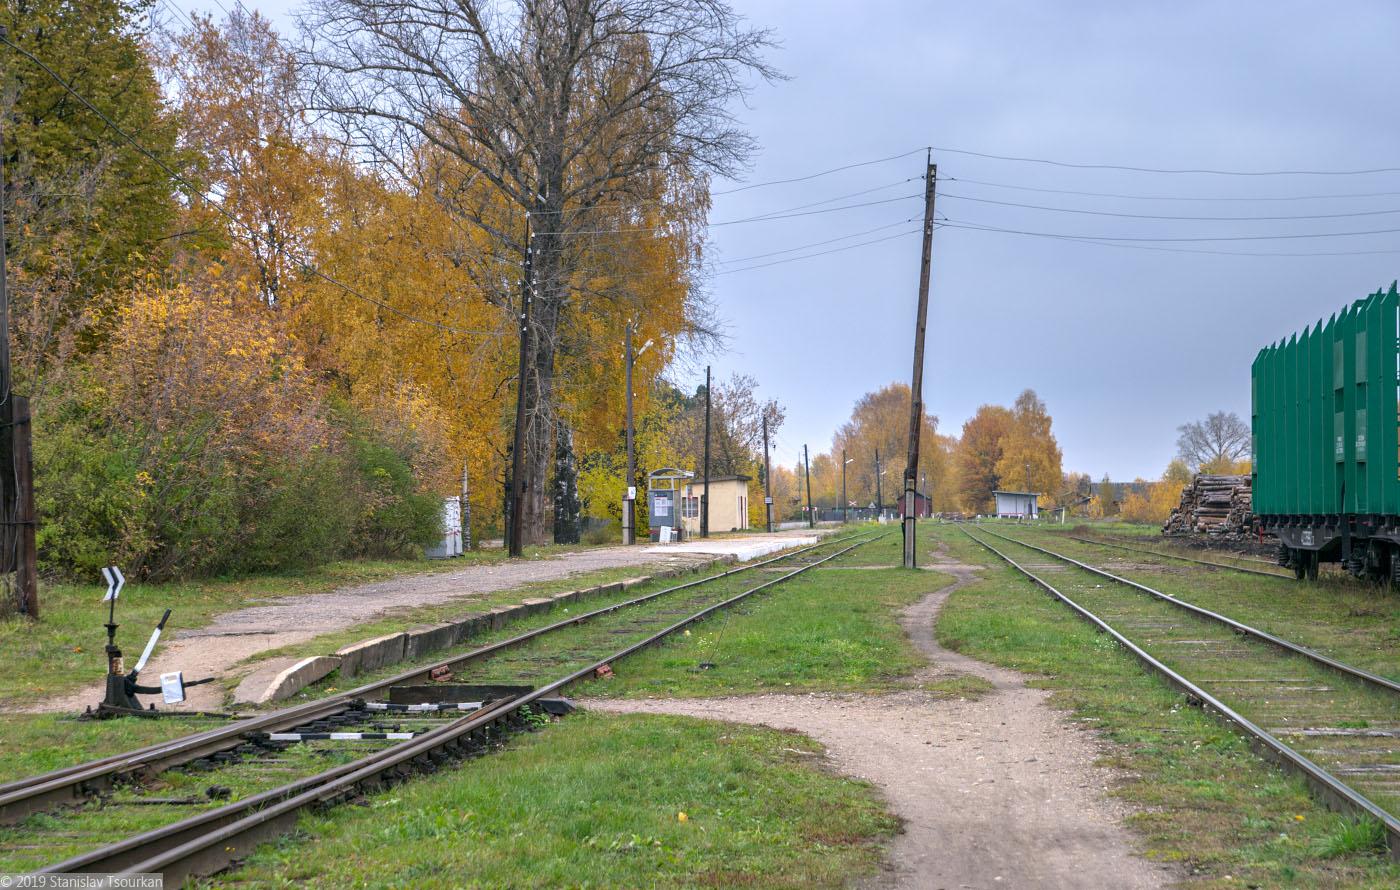 Весьегонск, Тверская область, станция Весьегонск, платформа, ручная стрелка, стрелка